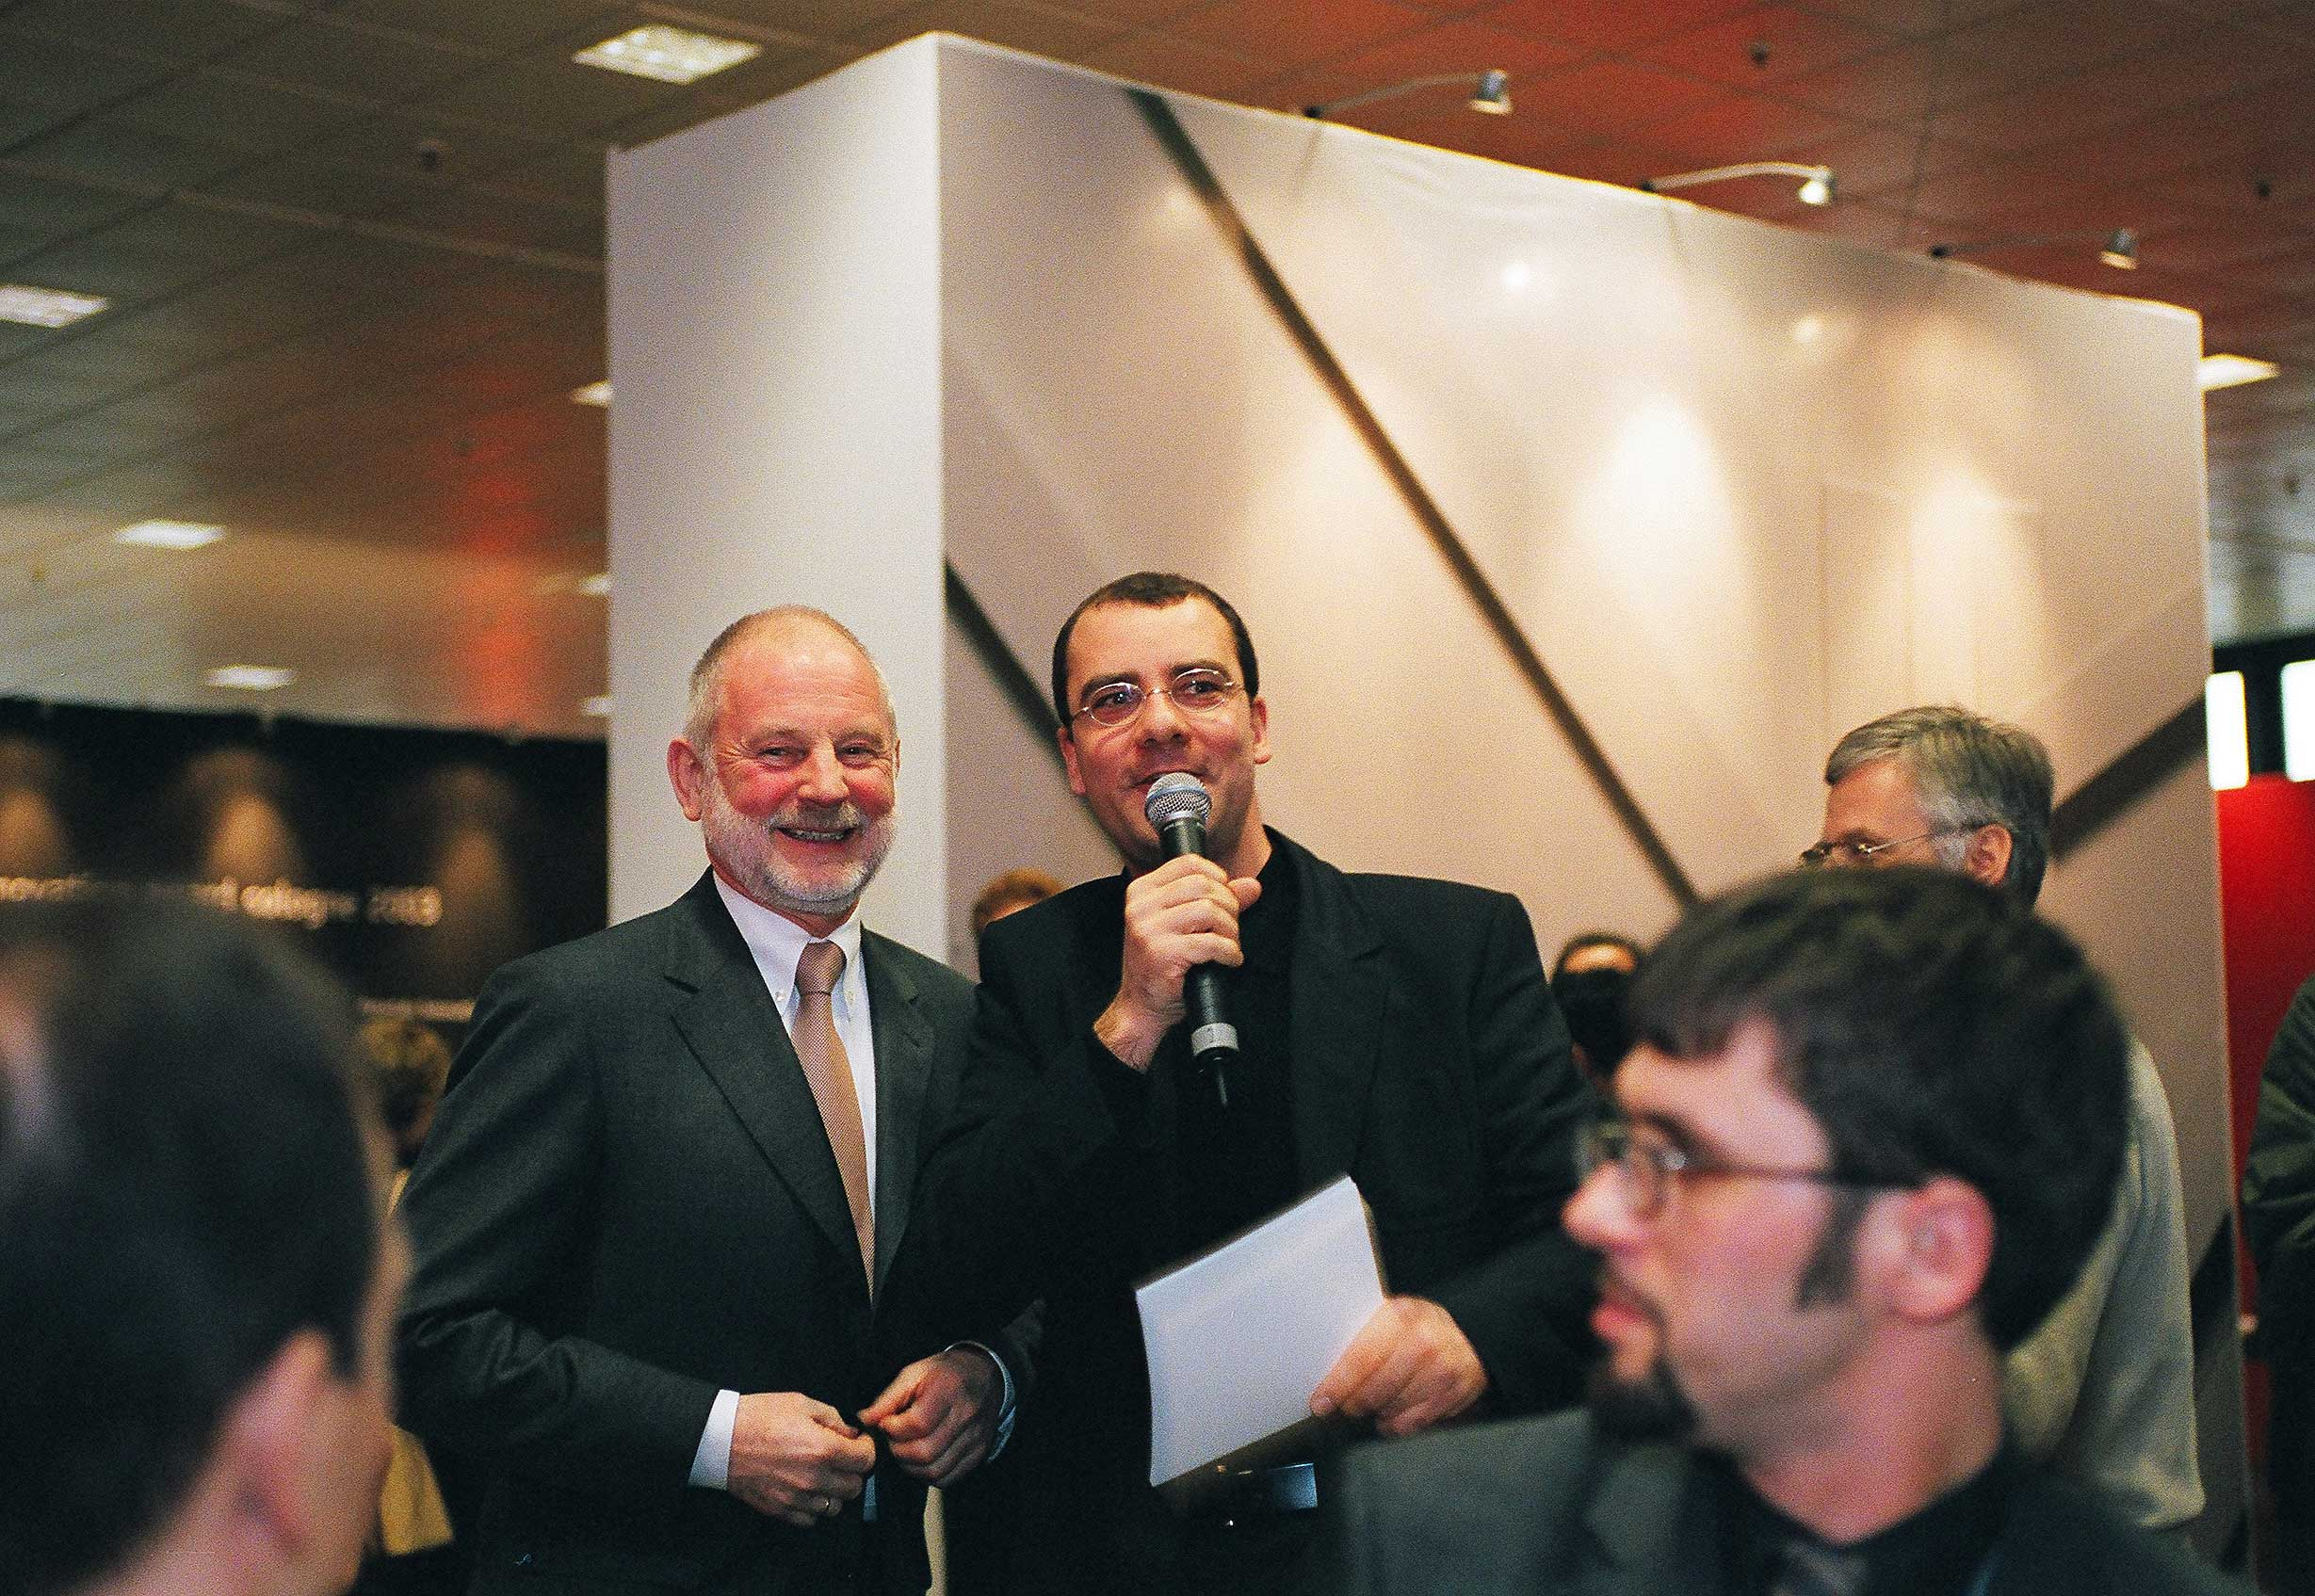 Helmut Lübke (Inhaber Interlübke und Präsident der Verbände der Deutschen Holz- und Möbelindustrie) im Gespräch mit Joachim Schirrmacher